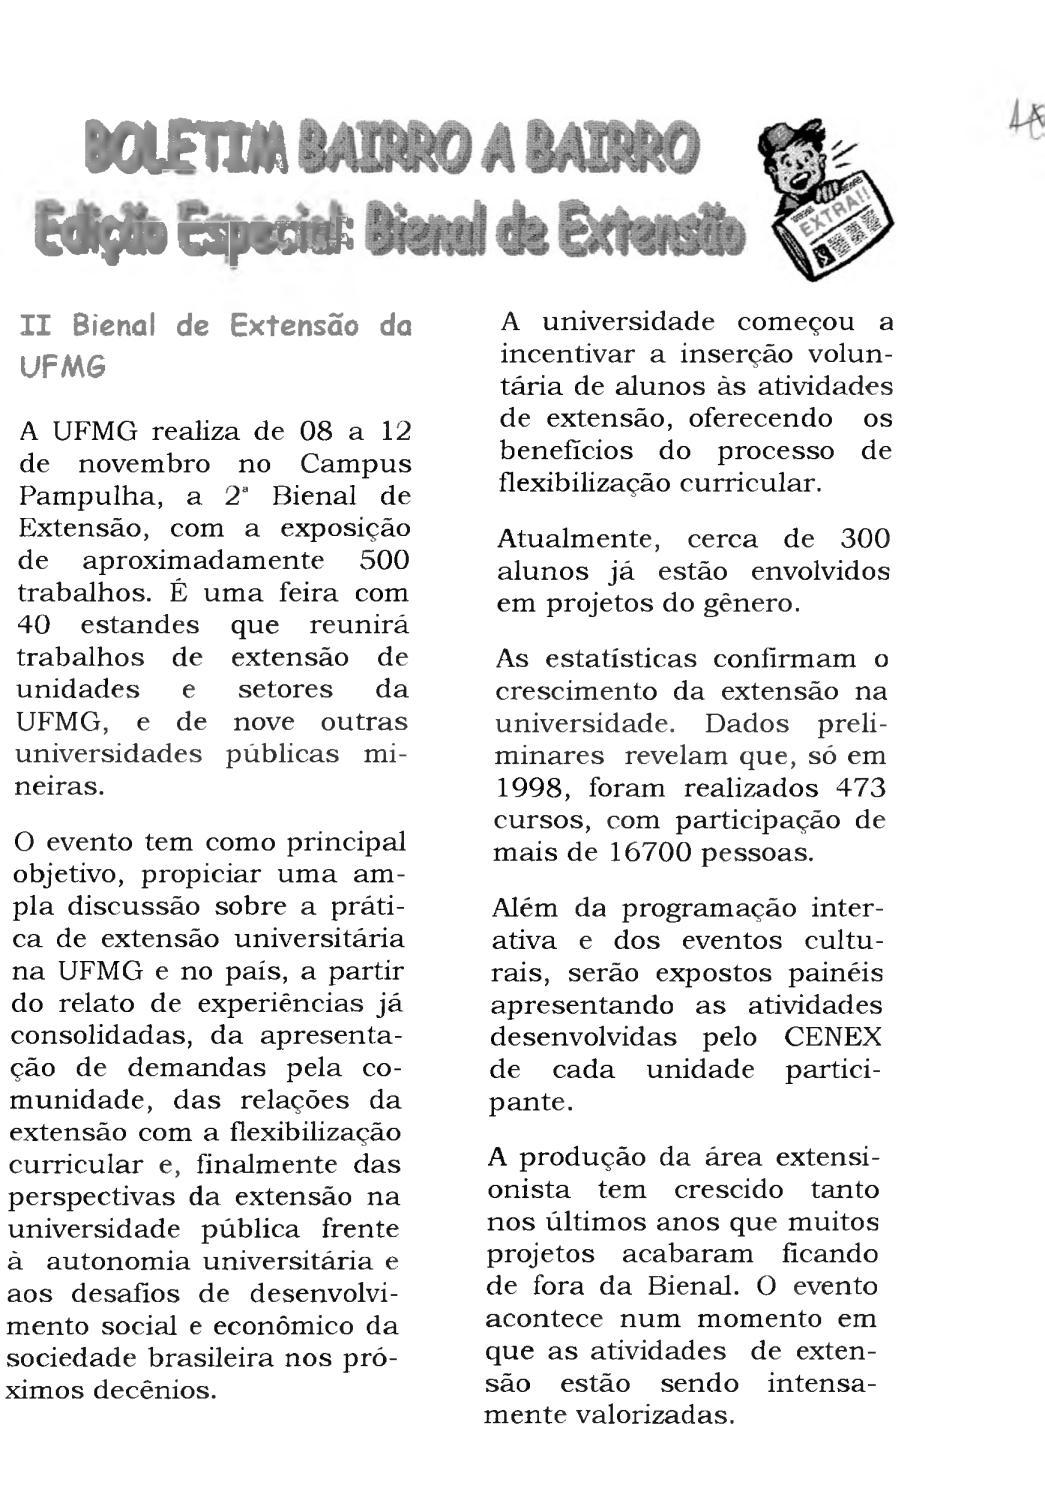 f0a63c4c46c Boletim edição especial  II Bienal de Extensão da UFMG by Boletim Bairro a  Bairro - issuu